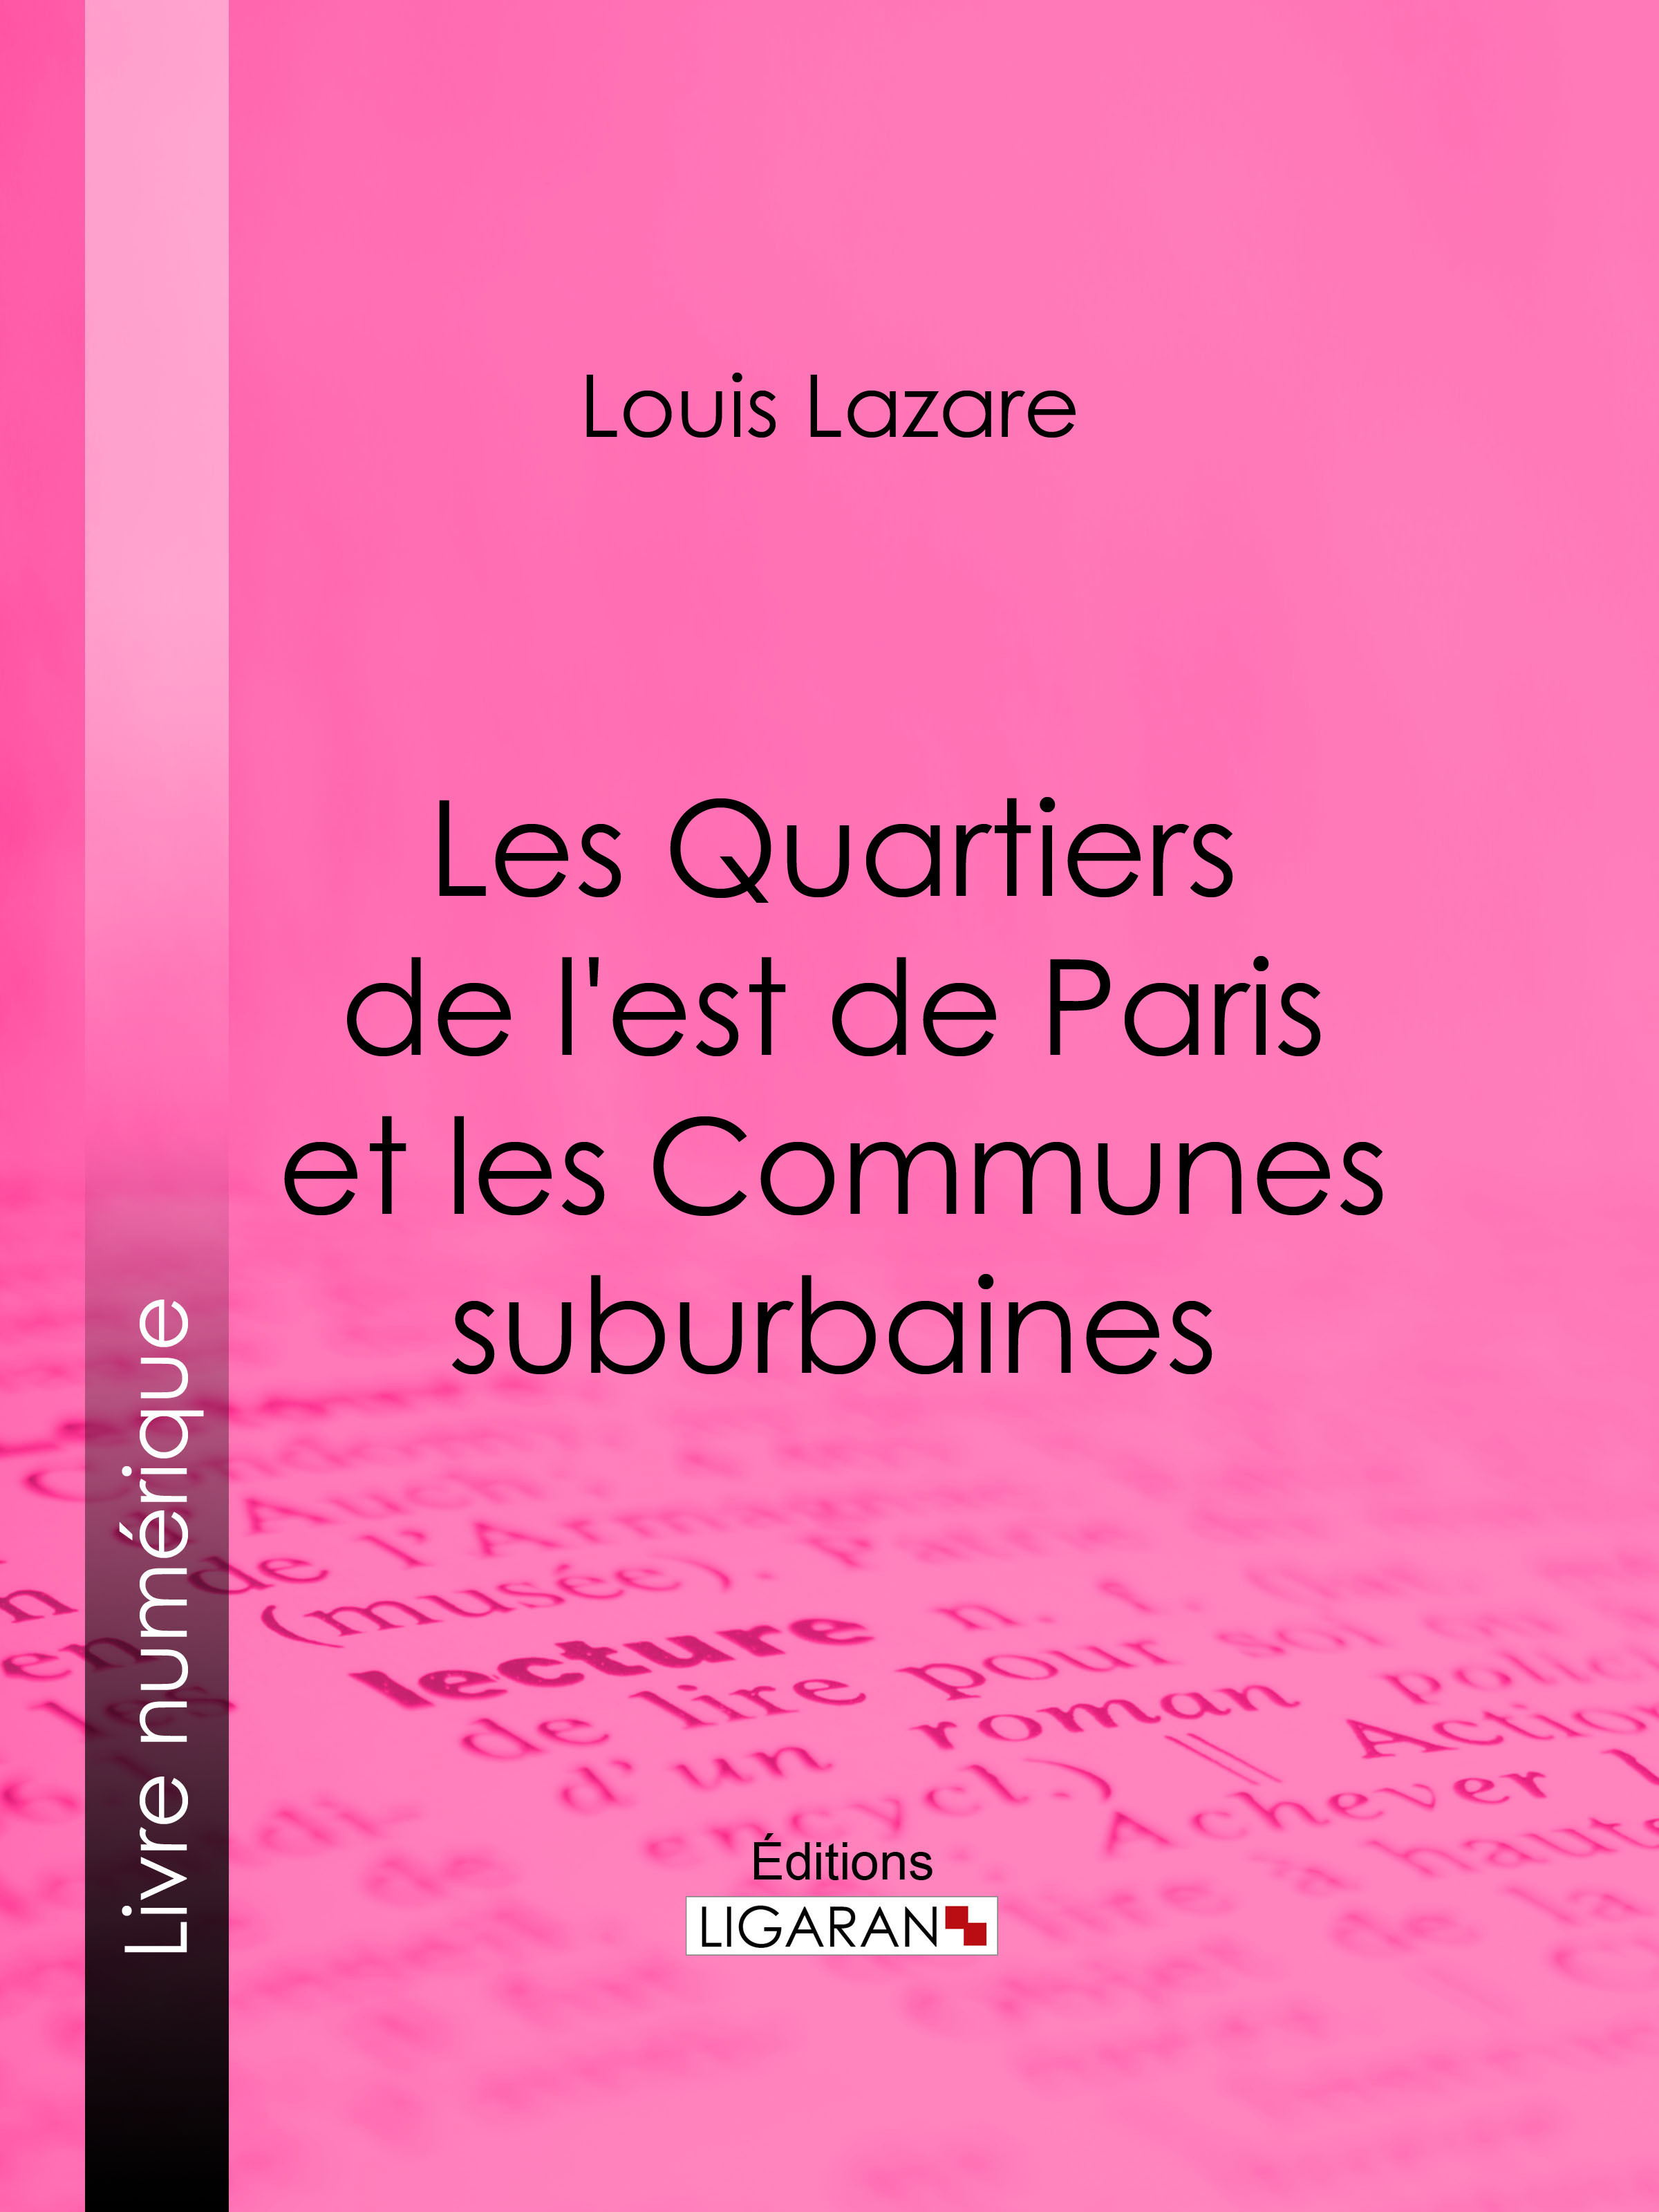 Les Quartiers de l'est de Paris et les Communes suburbaines